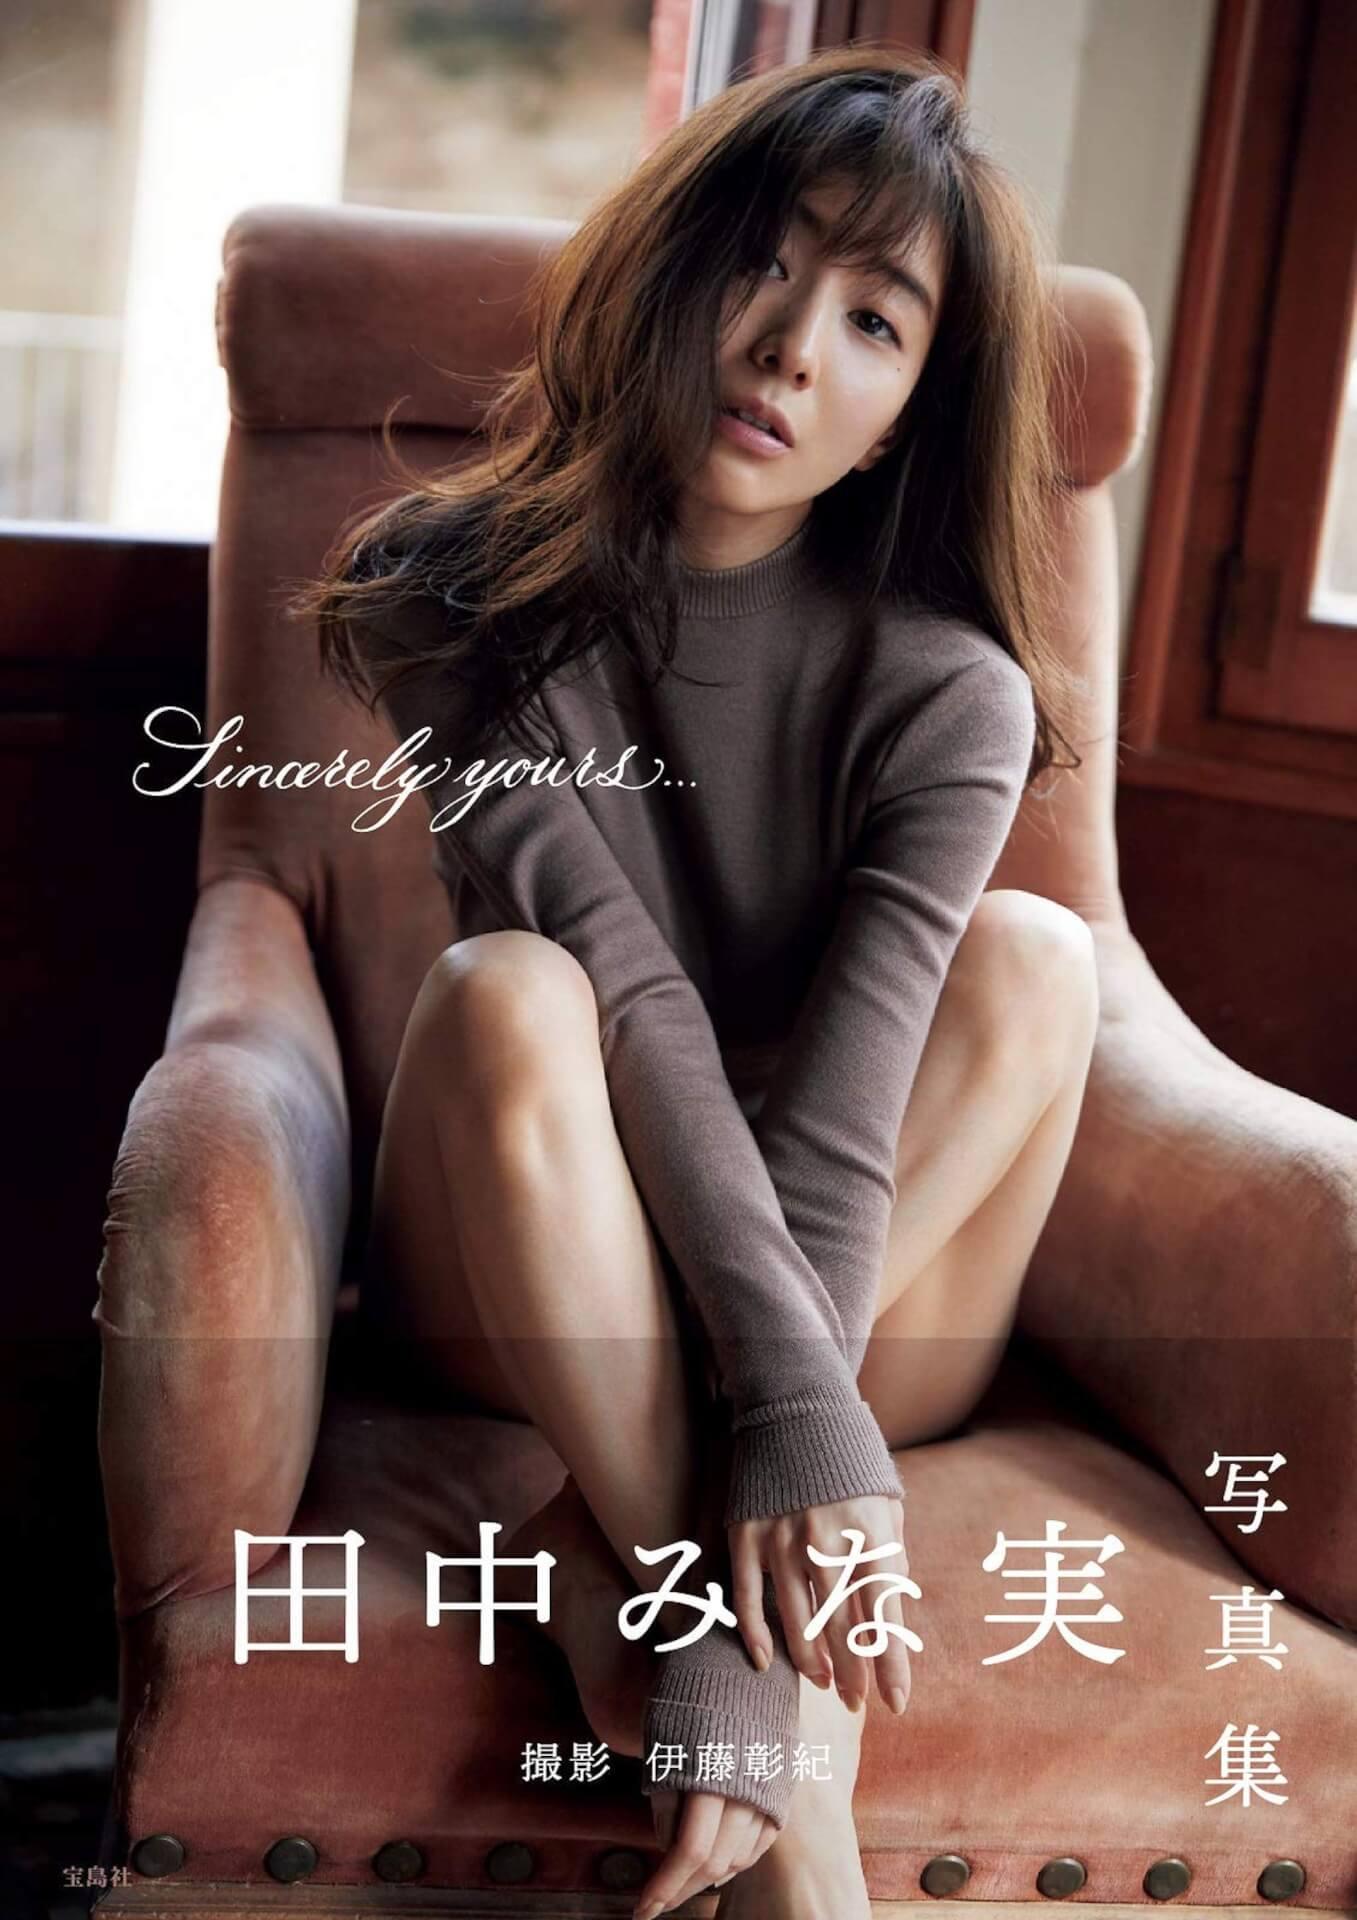 田中みな実写真集『Sincerely yours...』明日ついに発売!発売前重版に本人は喜びのコメント art191212_tanakaminami_3